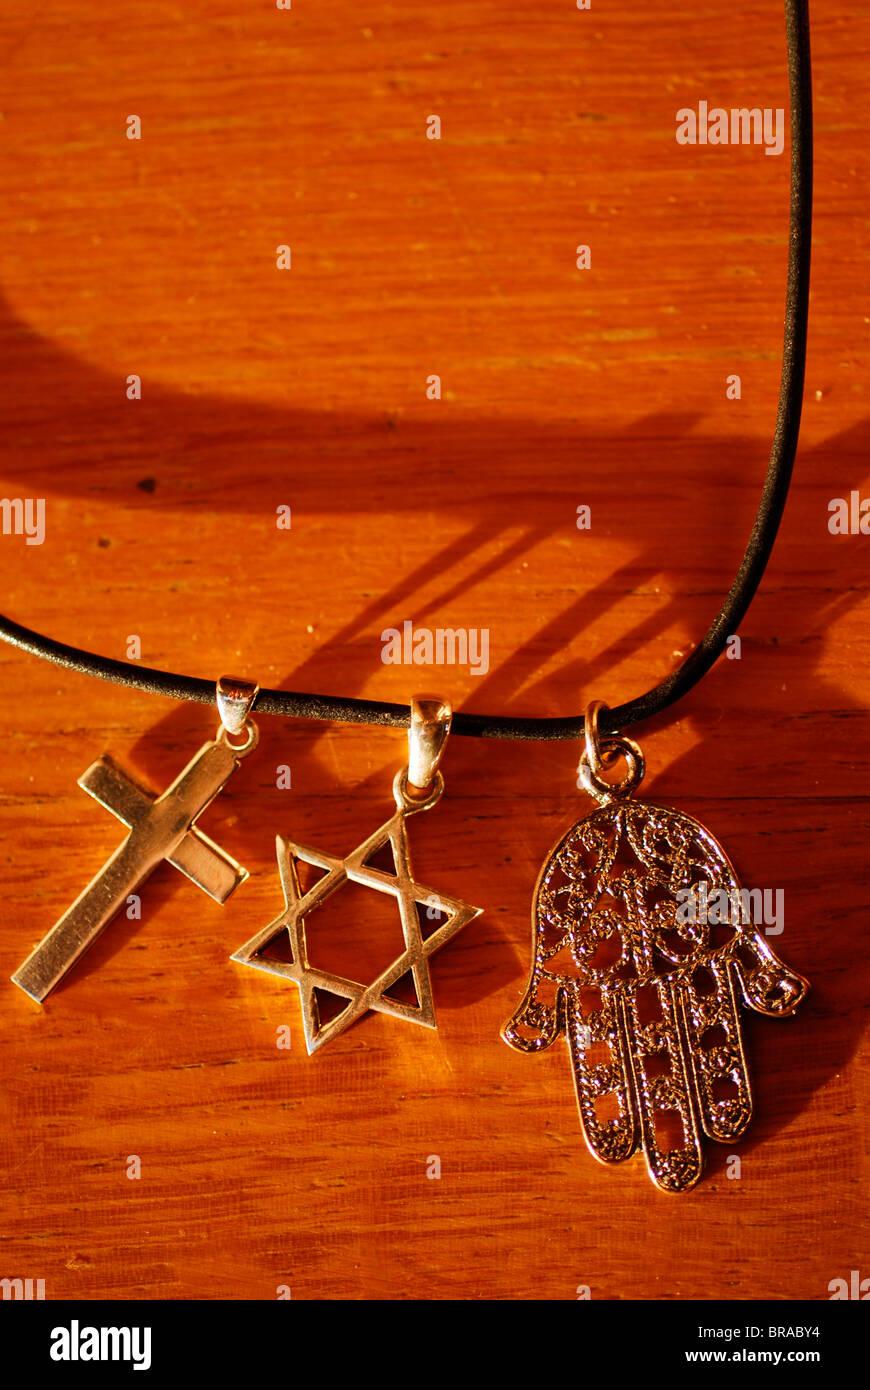 Symbole für die drei monotheistischen Religionen, Paris, Frankreich, Europa Stockbild